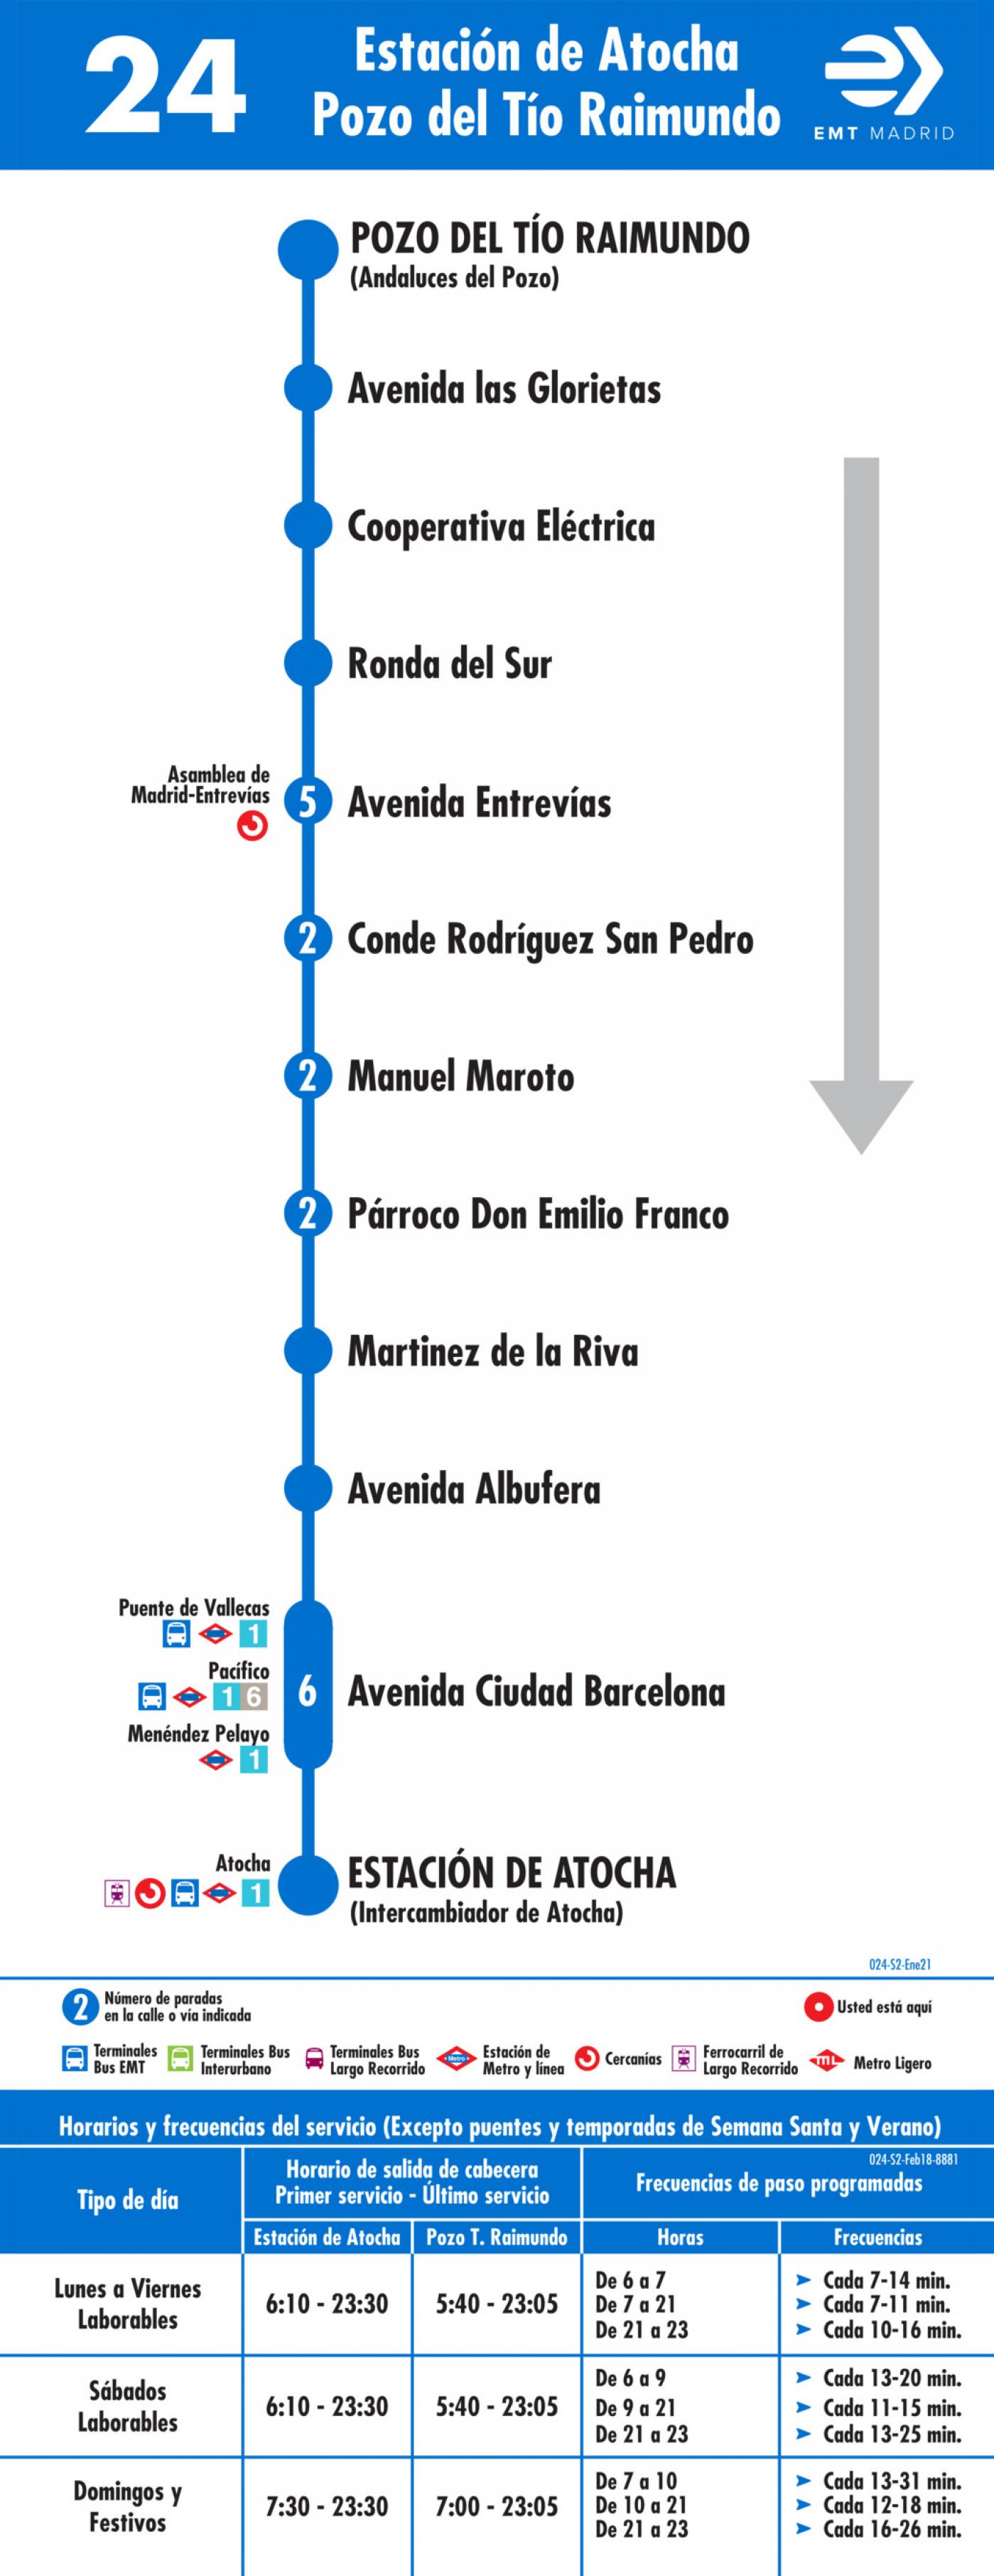 Tabla de horarios y frecuencias de paso en sentido vuelta Línea 24: Atocha - Pozo del Tio Raimundo